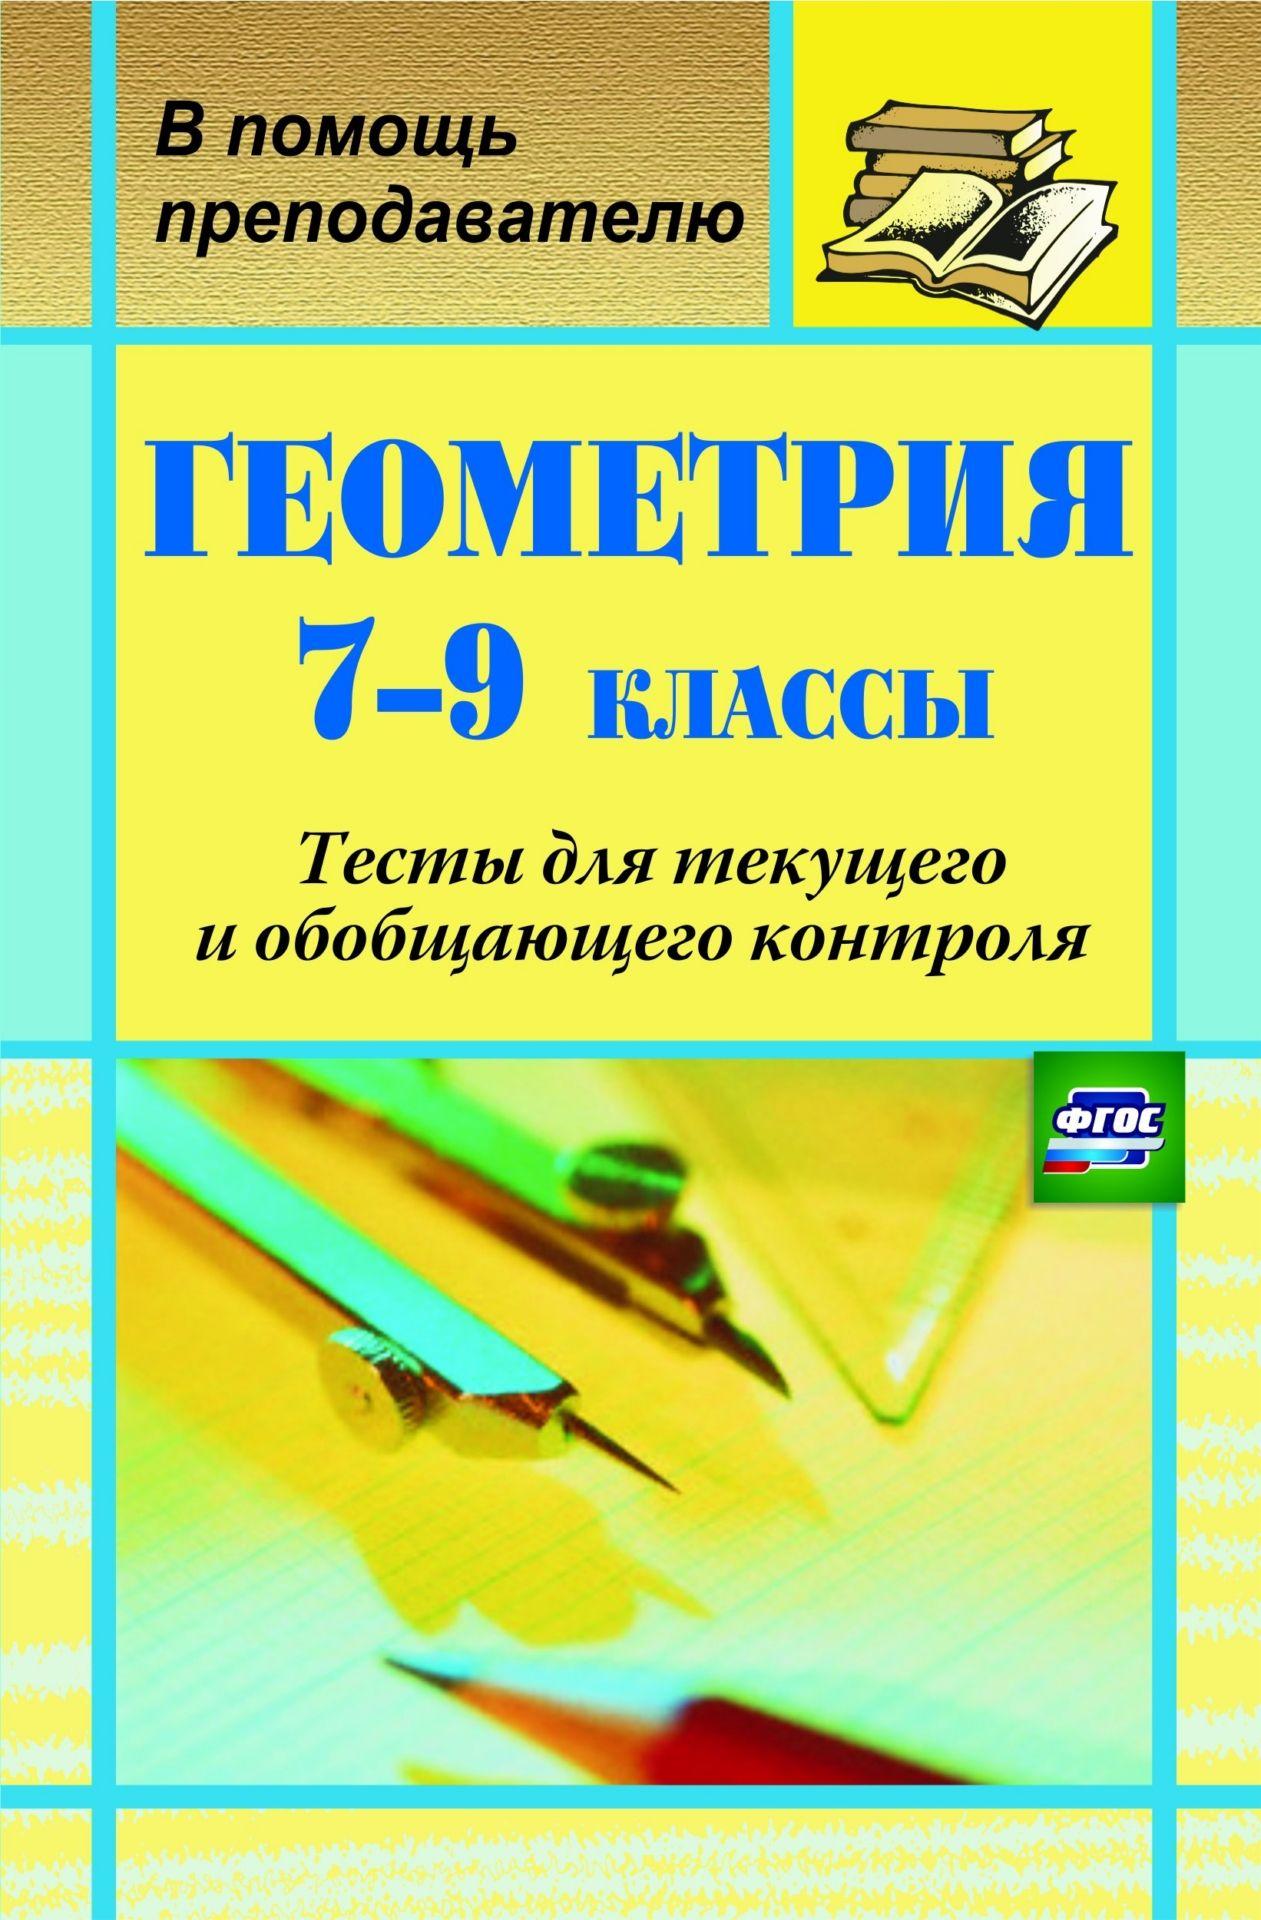 Геометрия. 7-9 классы: тесты для текущего и обобщающего контроляПредметы<br>В пособии представлены тесты по геометрии для 7-9 классов, которые можно использовать как для организации контроля знаний, так и для подготовки к обобщающему уроку или зачету по теме, в качестве домашнего задания.Предложенные вопросы и задачи помогут орга...<br><br>Авторы: Ковалева Г. И., Мазурова Н. И.<br>Год: 2018<br>Серия: В помощь преподавателю<br>ISBN: 978-5-7057-1521-3, 978-5-7057-4300-1<br>Высота: 210<br>Ширина: 140<br>Толщина: 8<br>Переплёт: мягкая, склейка